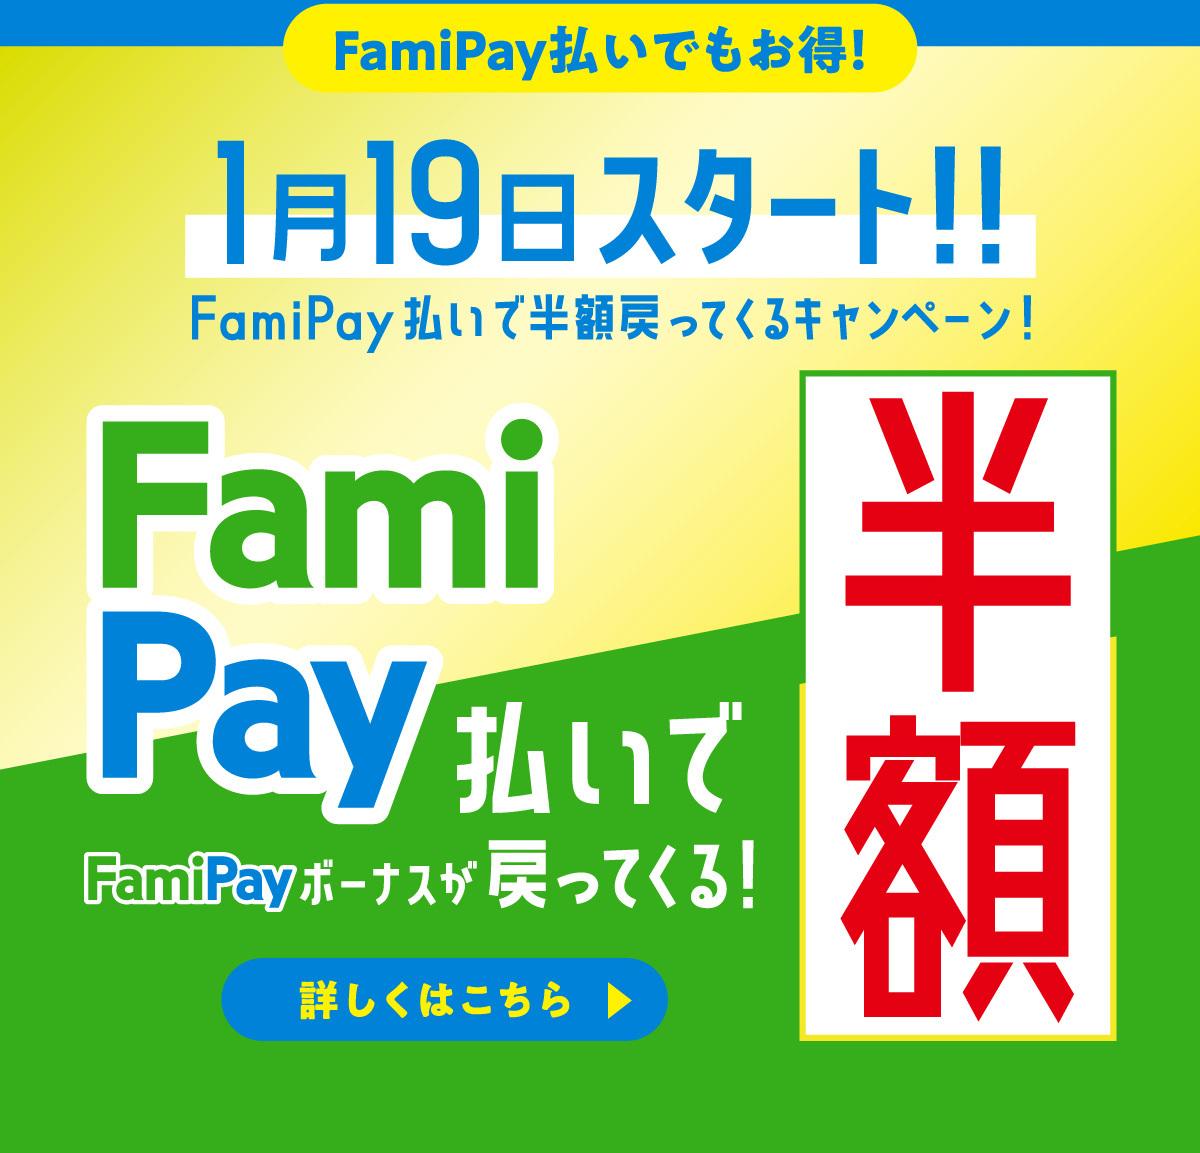 2101_famipay-welcome_cp_hangaku.jpg